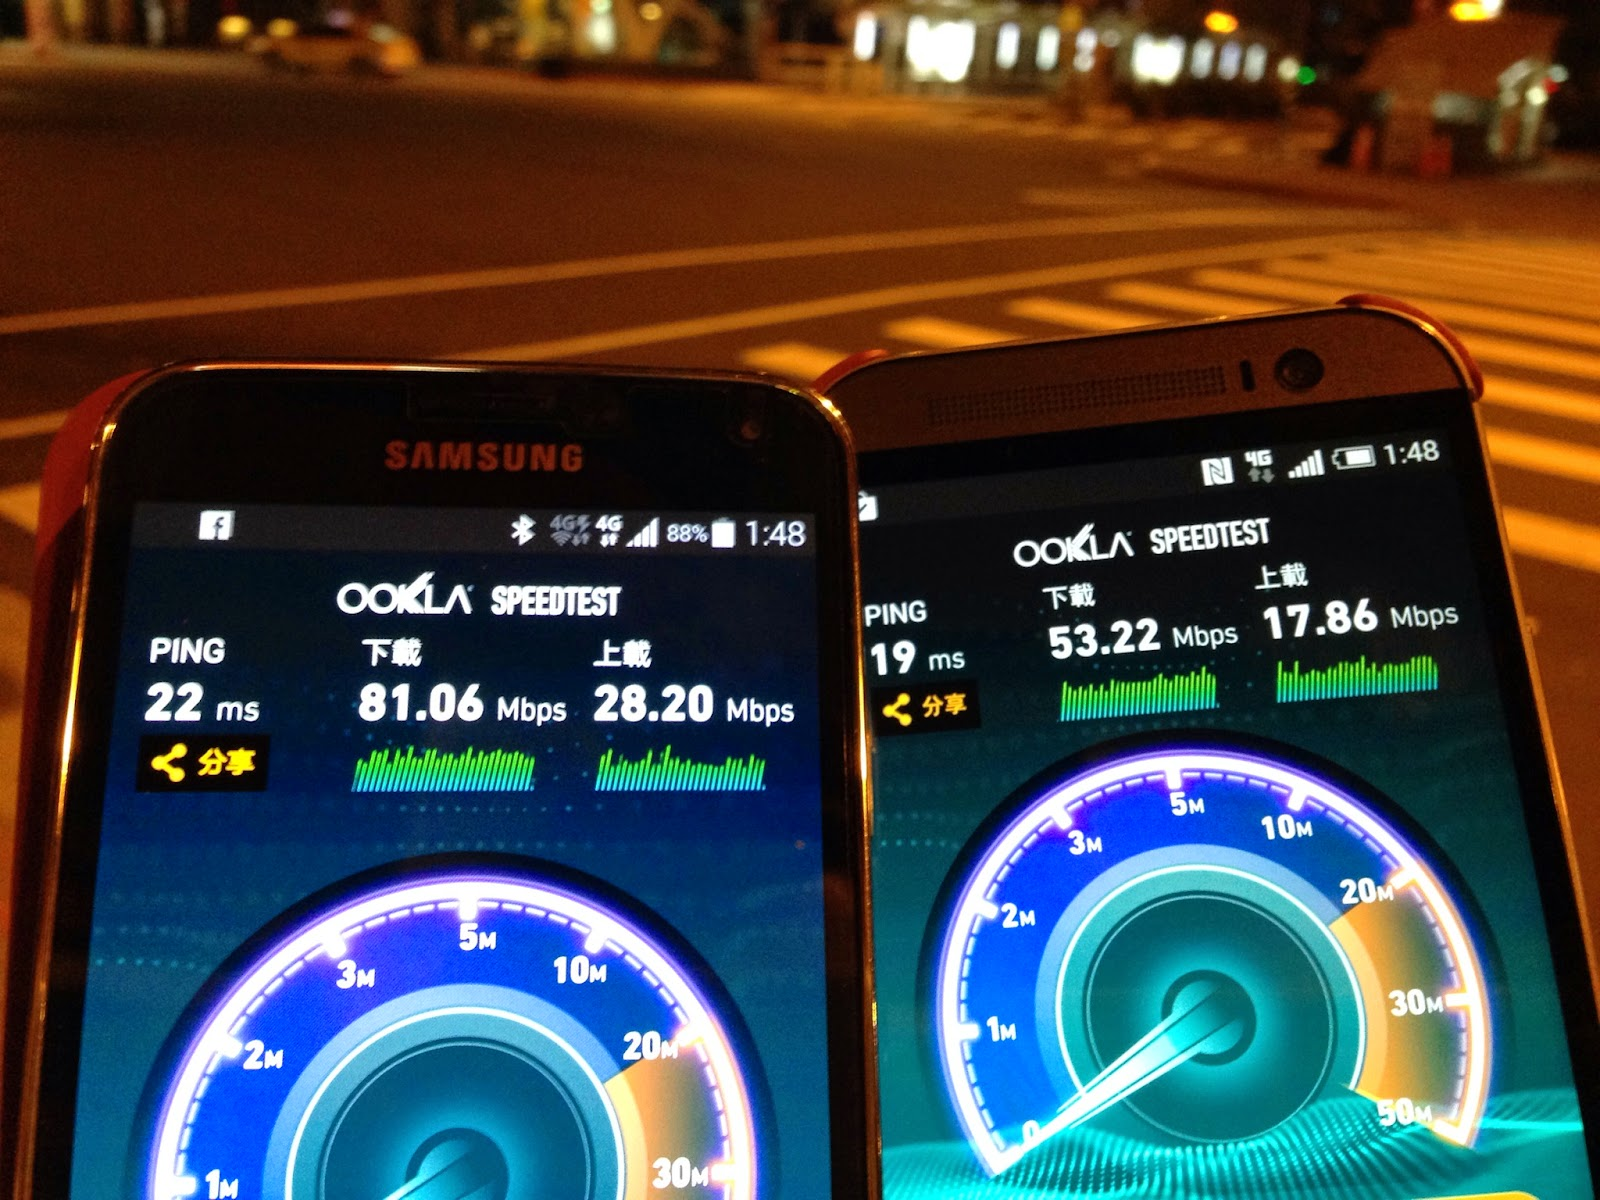 臺灣大哥大 VS 中華電信 4G網路 大臺北地區實測